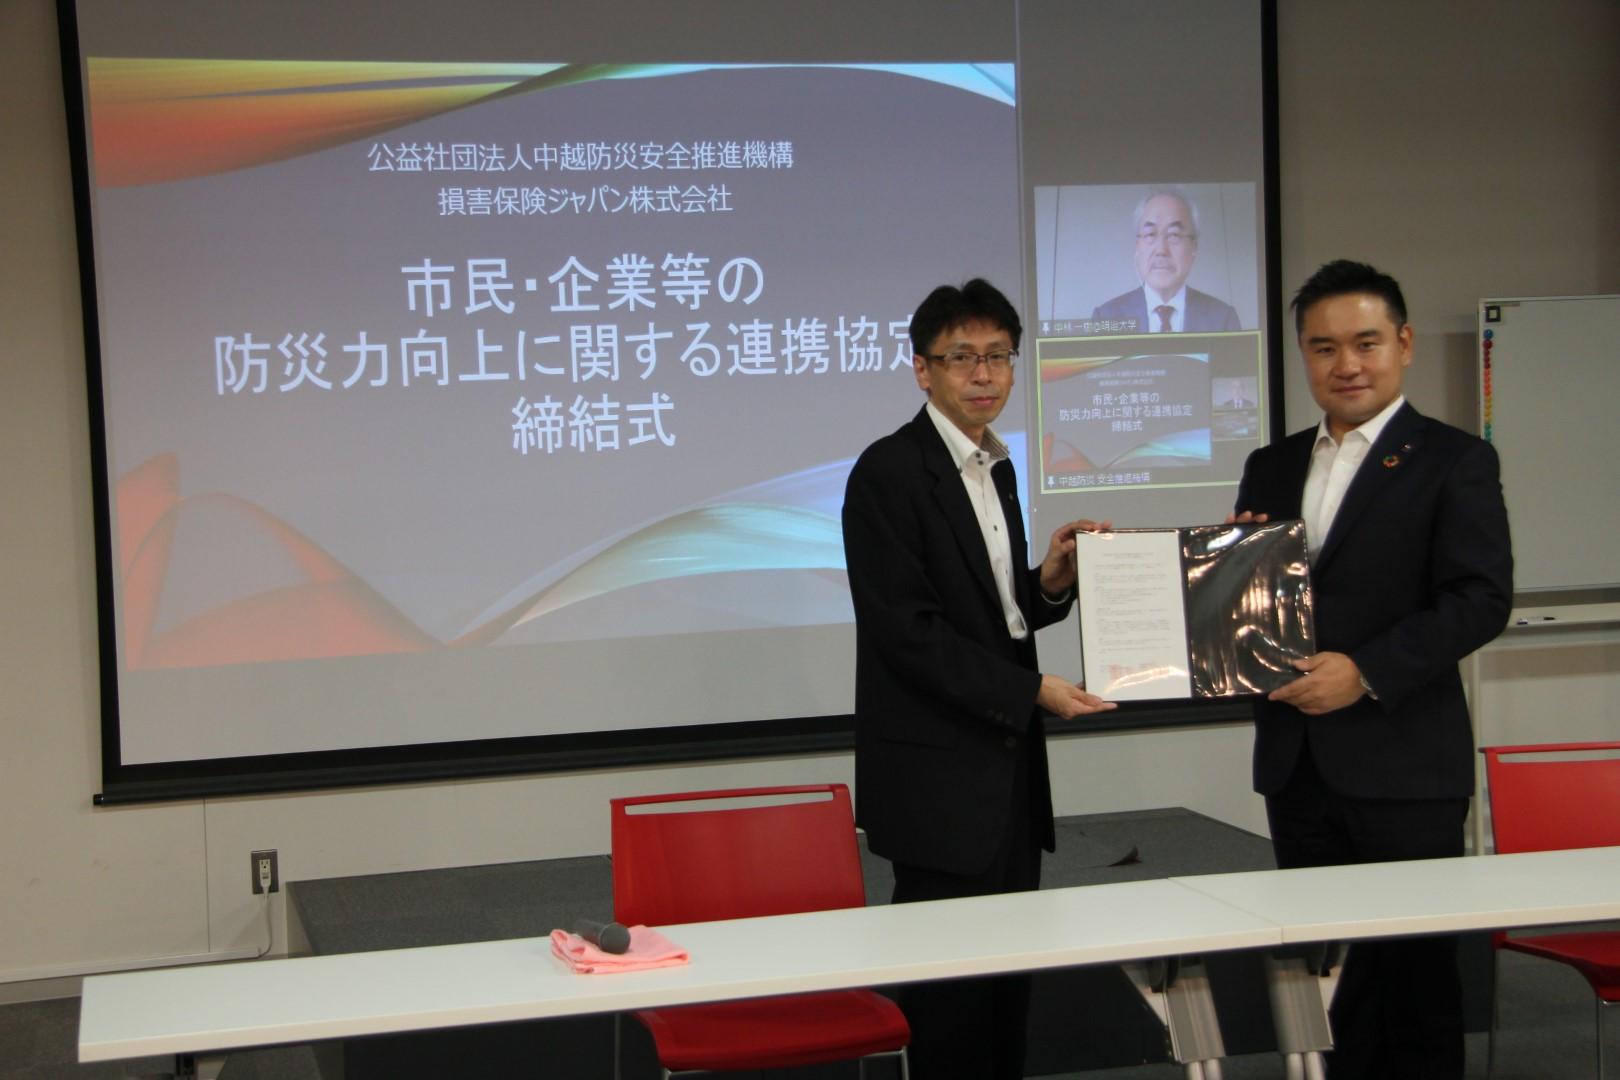 損害保険ジャパンと連携協定を締結